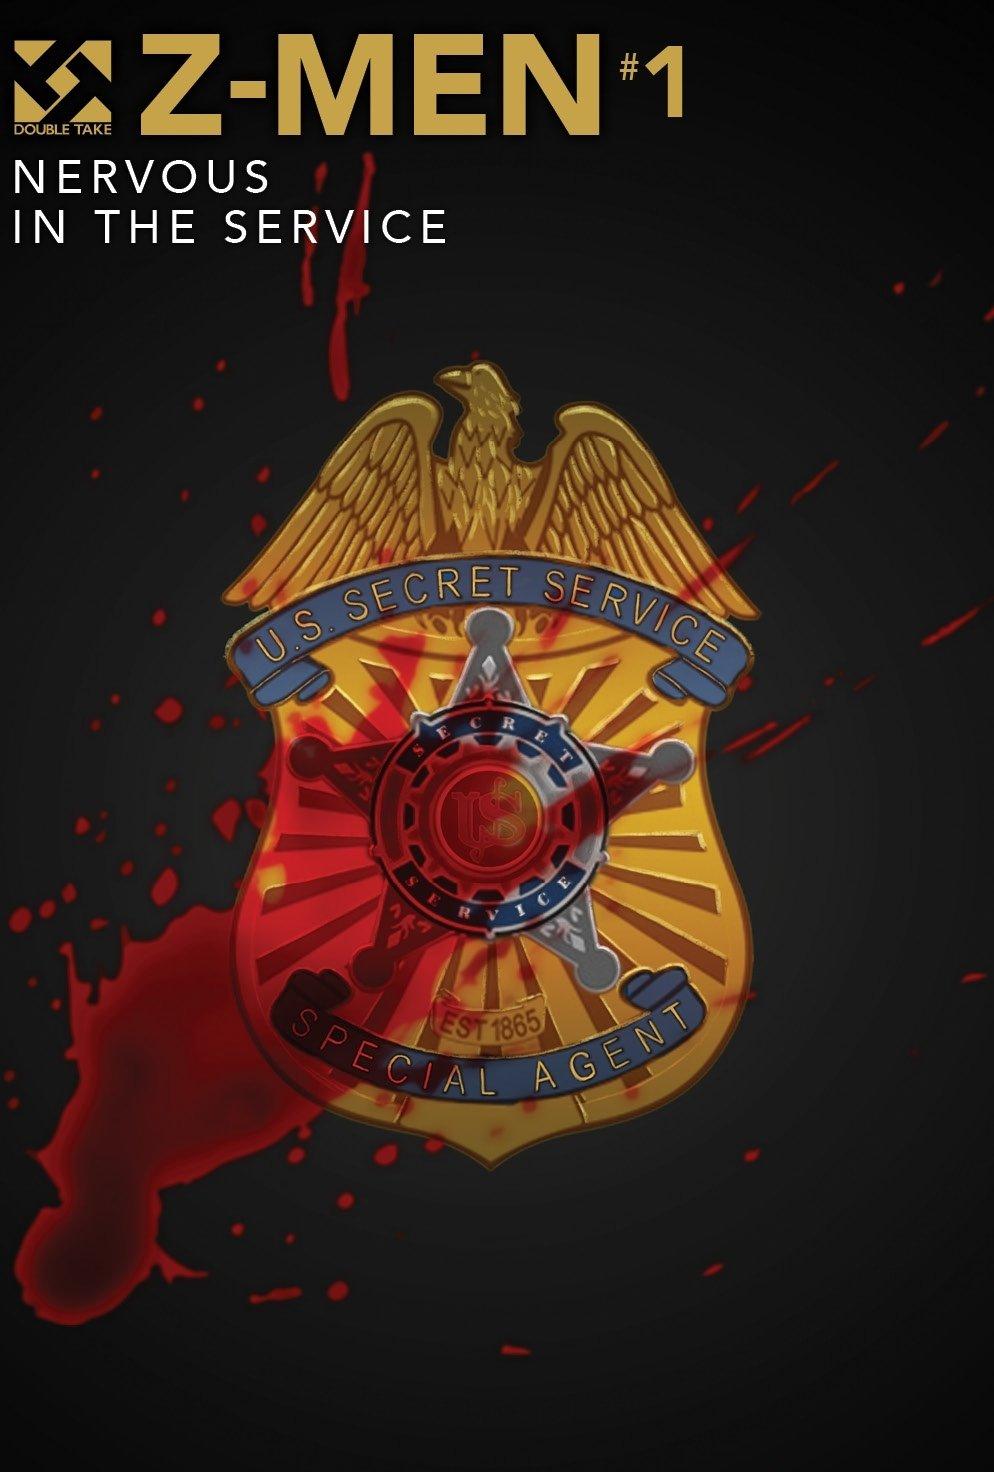 Take-Two готовит кино про спецслужбы в мире «Живых мертвецов» Ромеро - Изображение 1